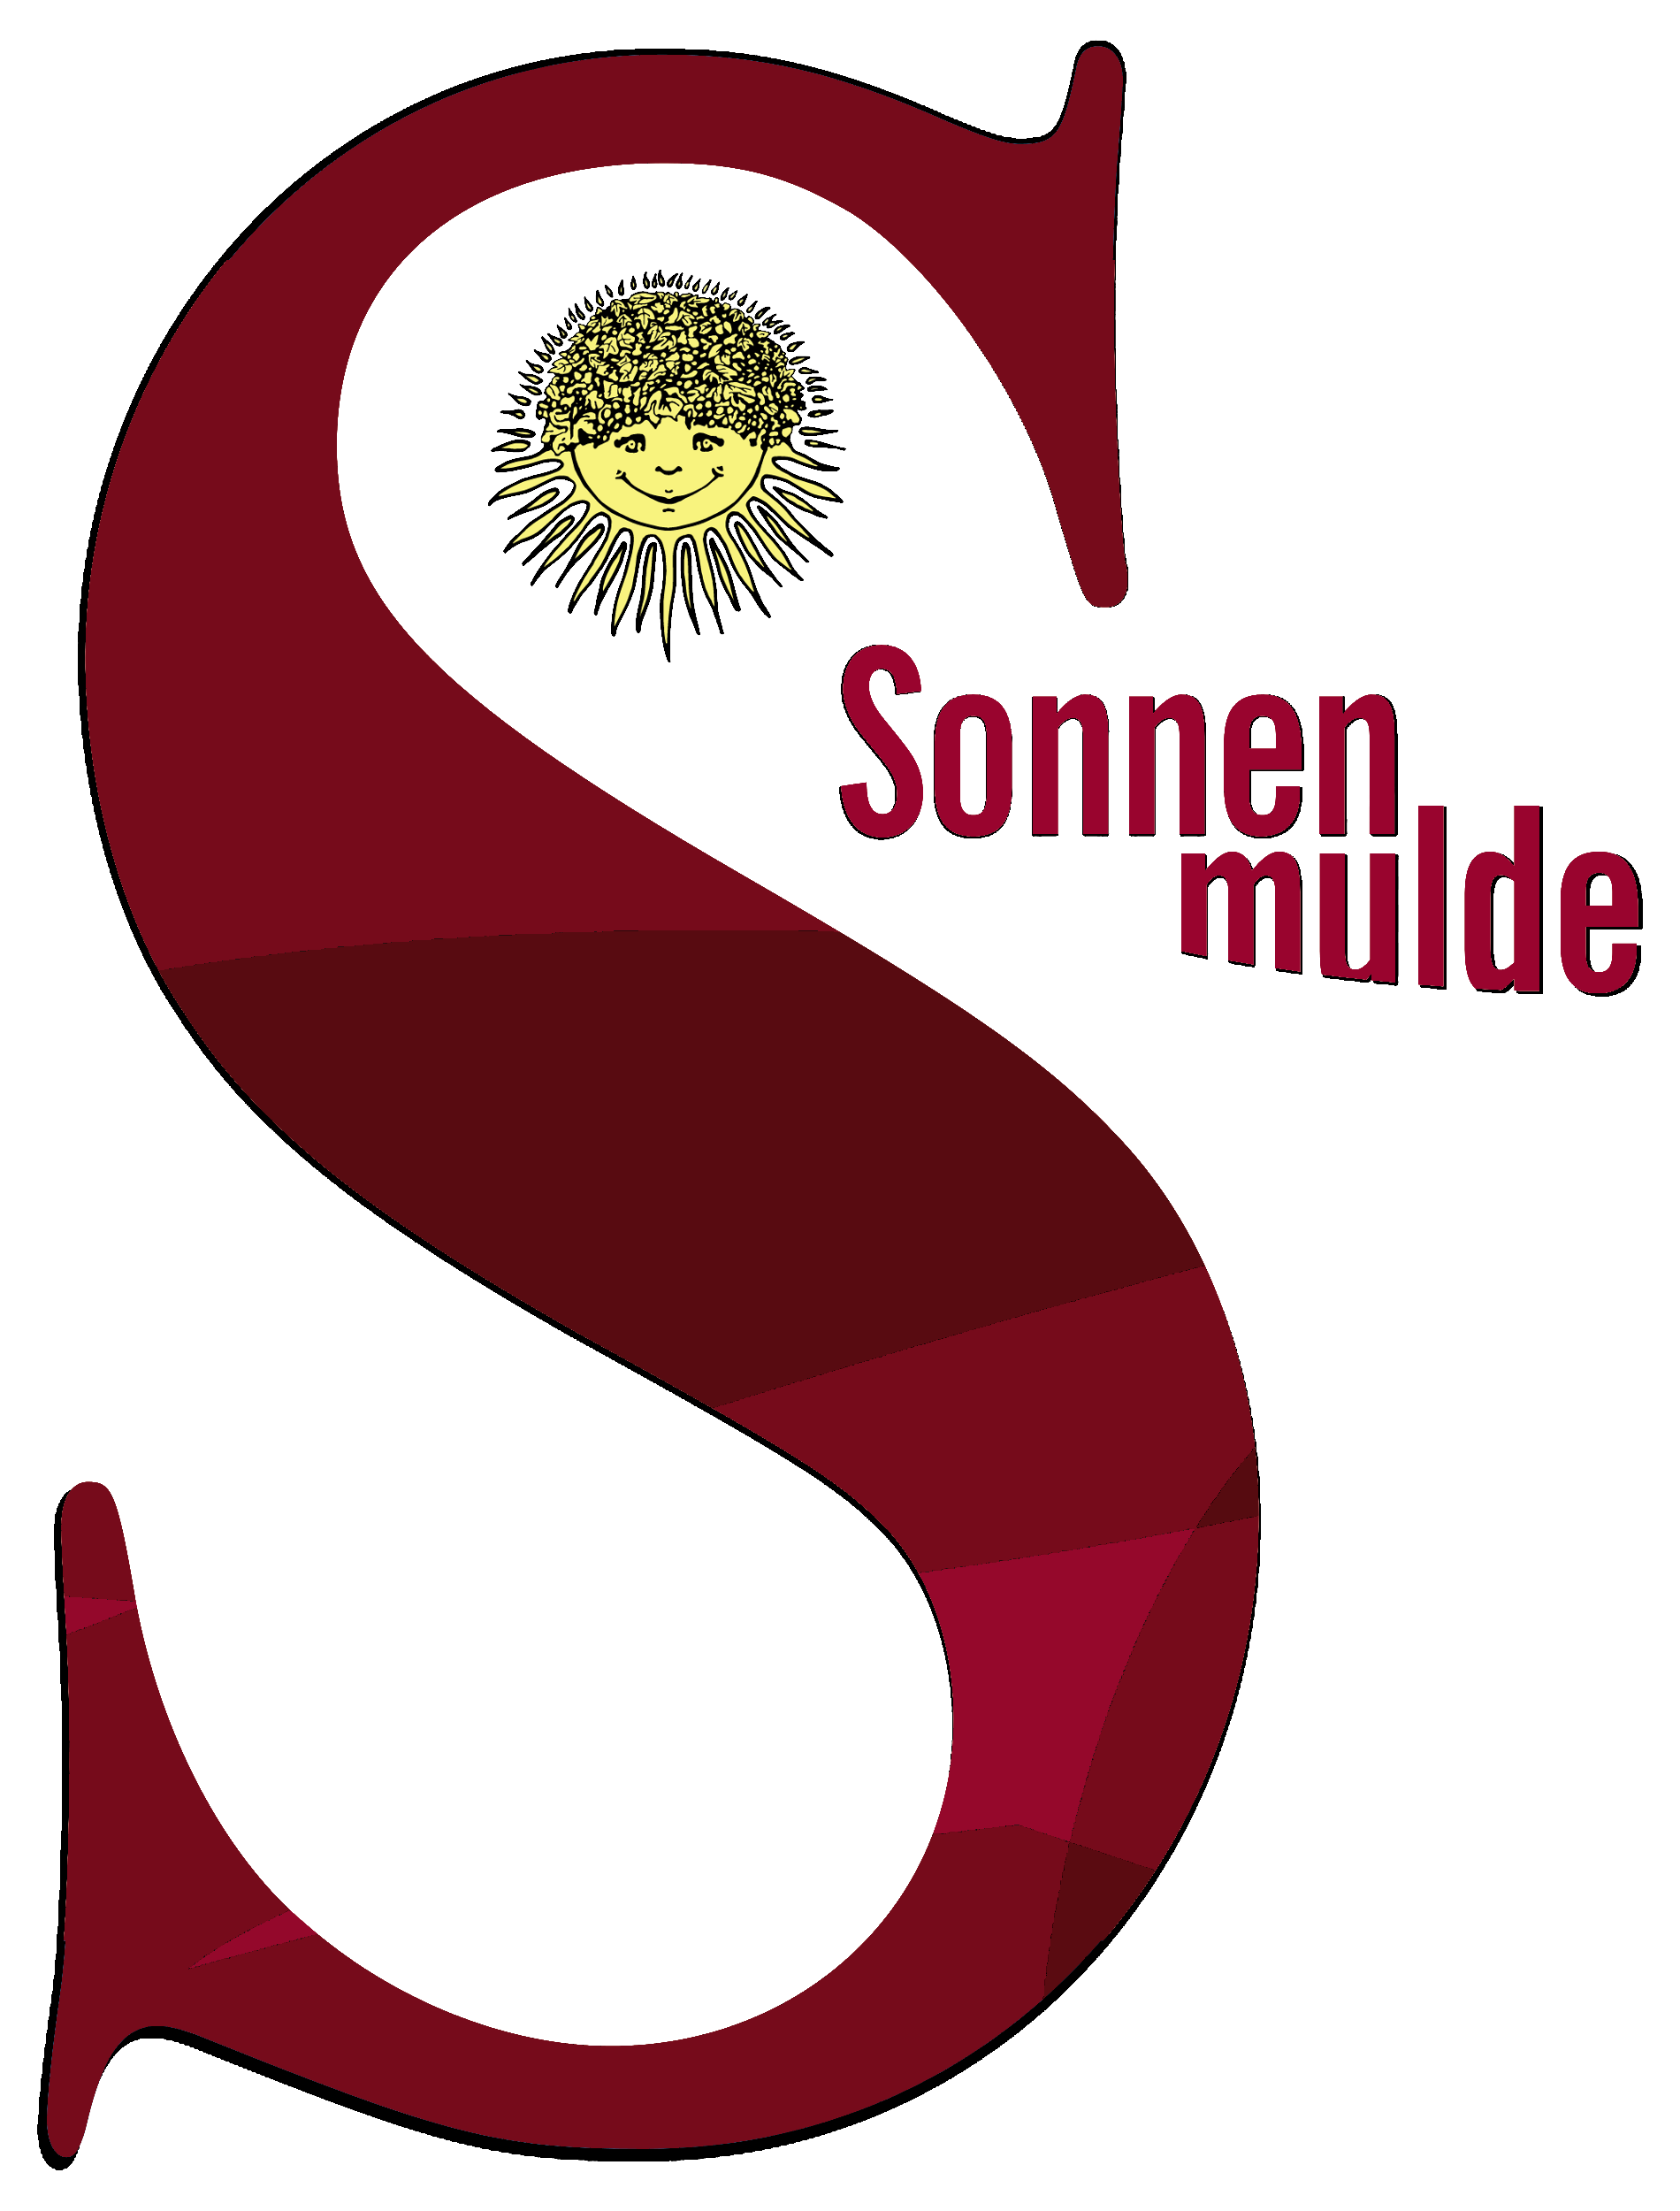 Sonnenmulde Bioweine-Logo